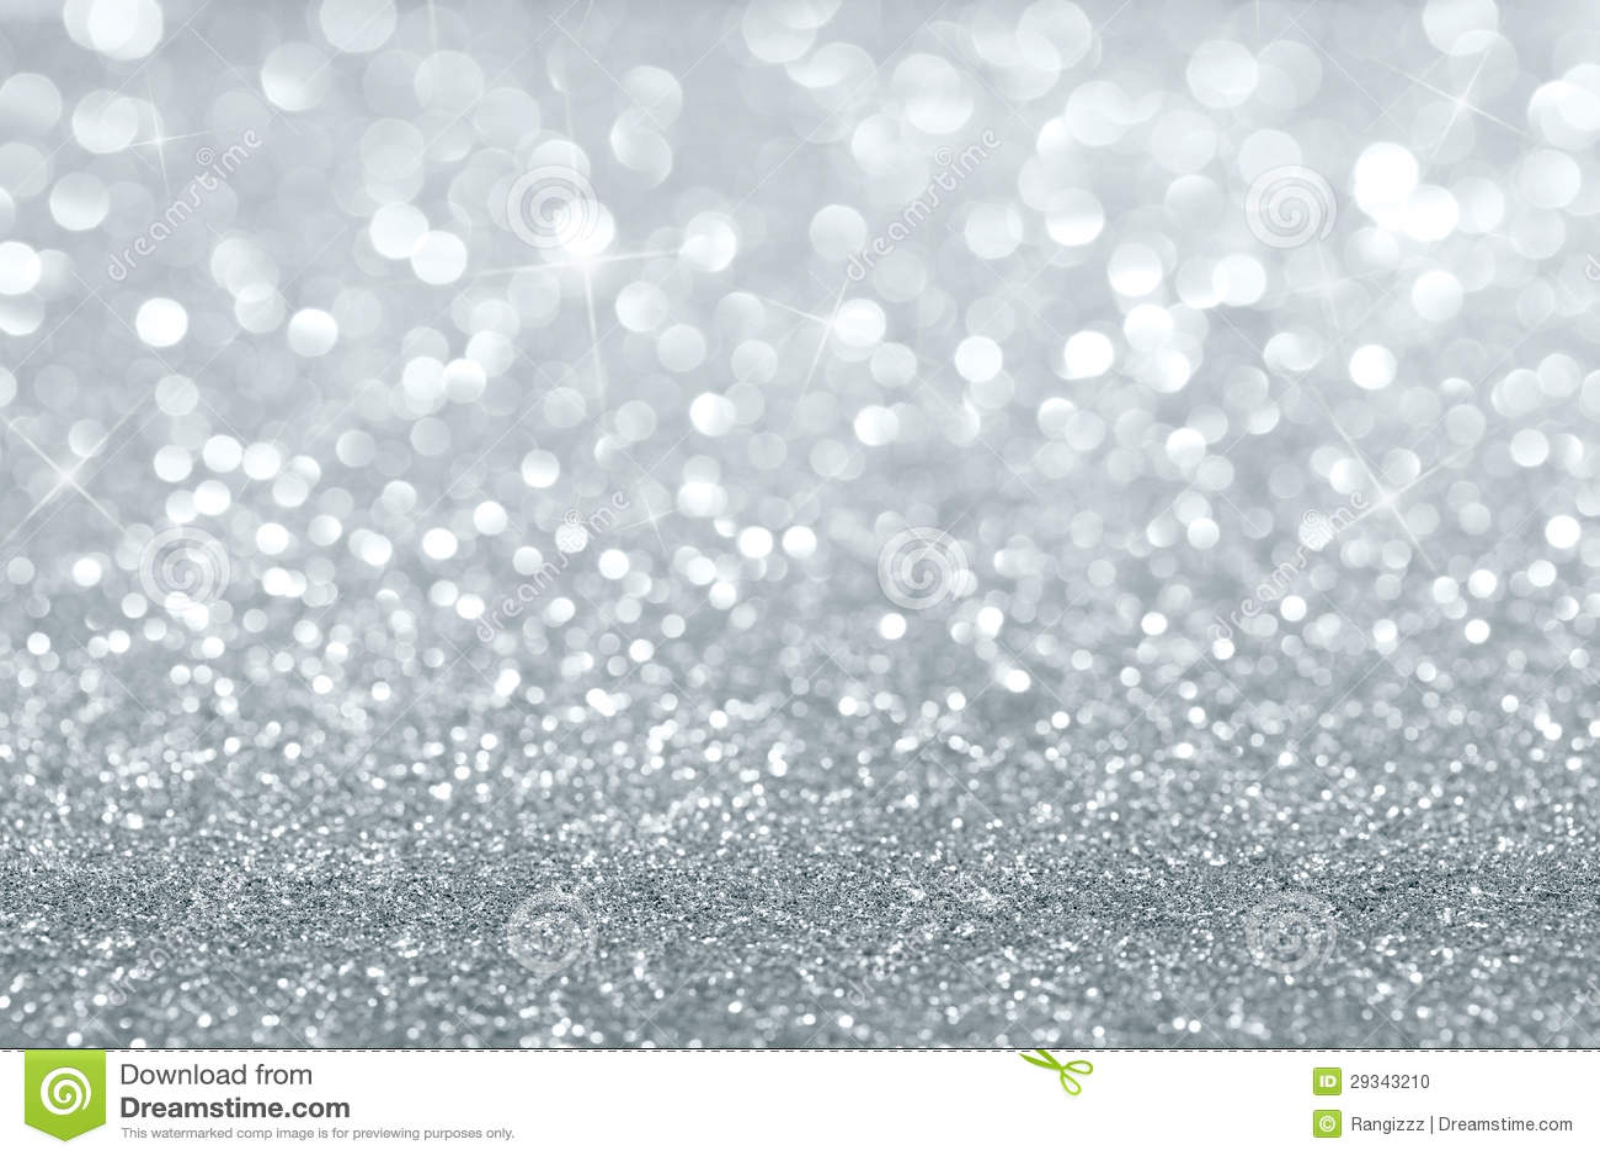 Fundo de prata do brilho